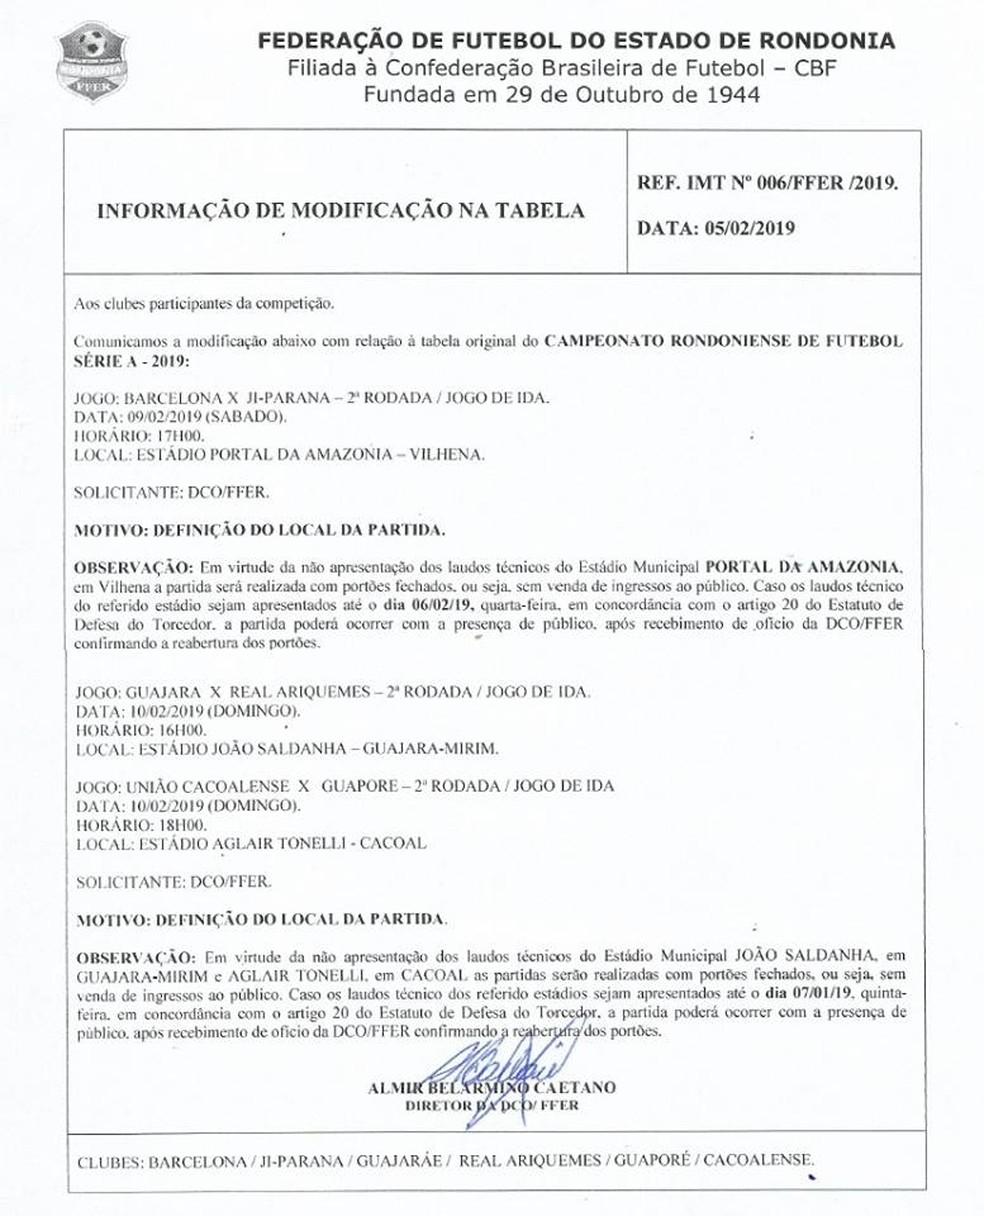 Federação de Futebol do Estado de Rondônia determina portões fechados em 3 jogos da 2ª rodada — Foto: FFER/ Reprodução